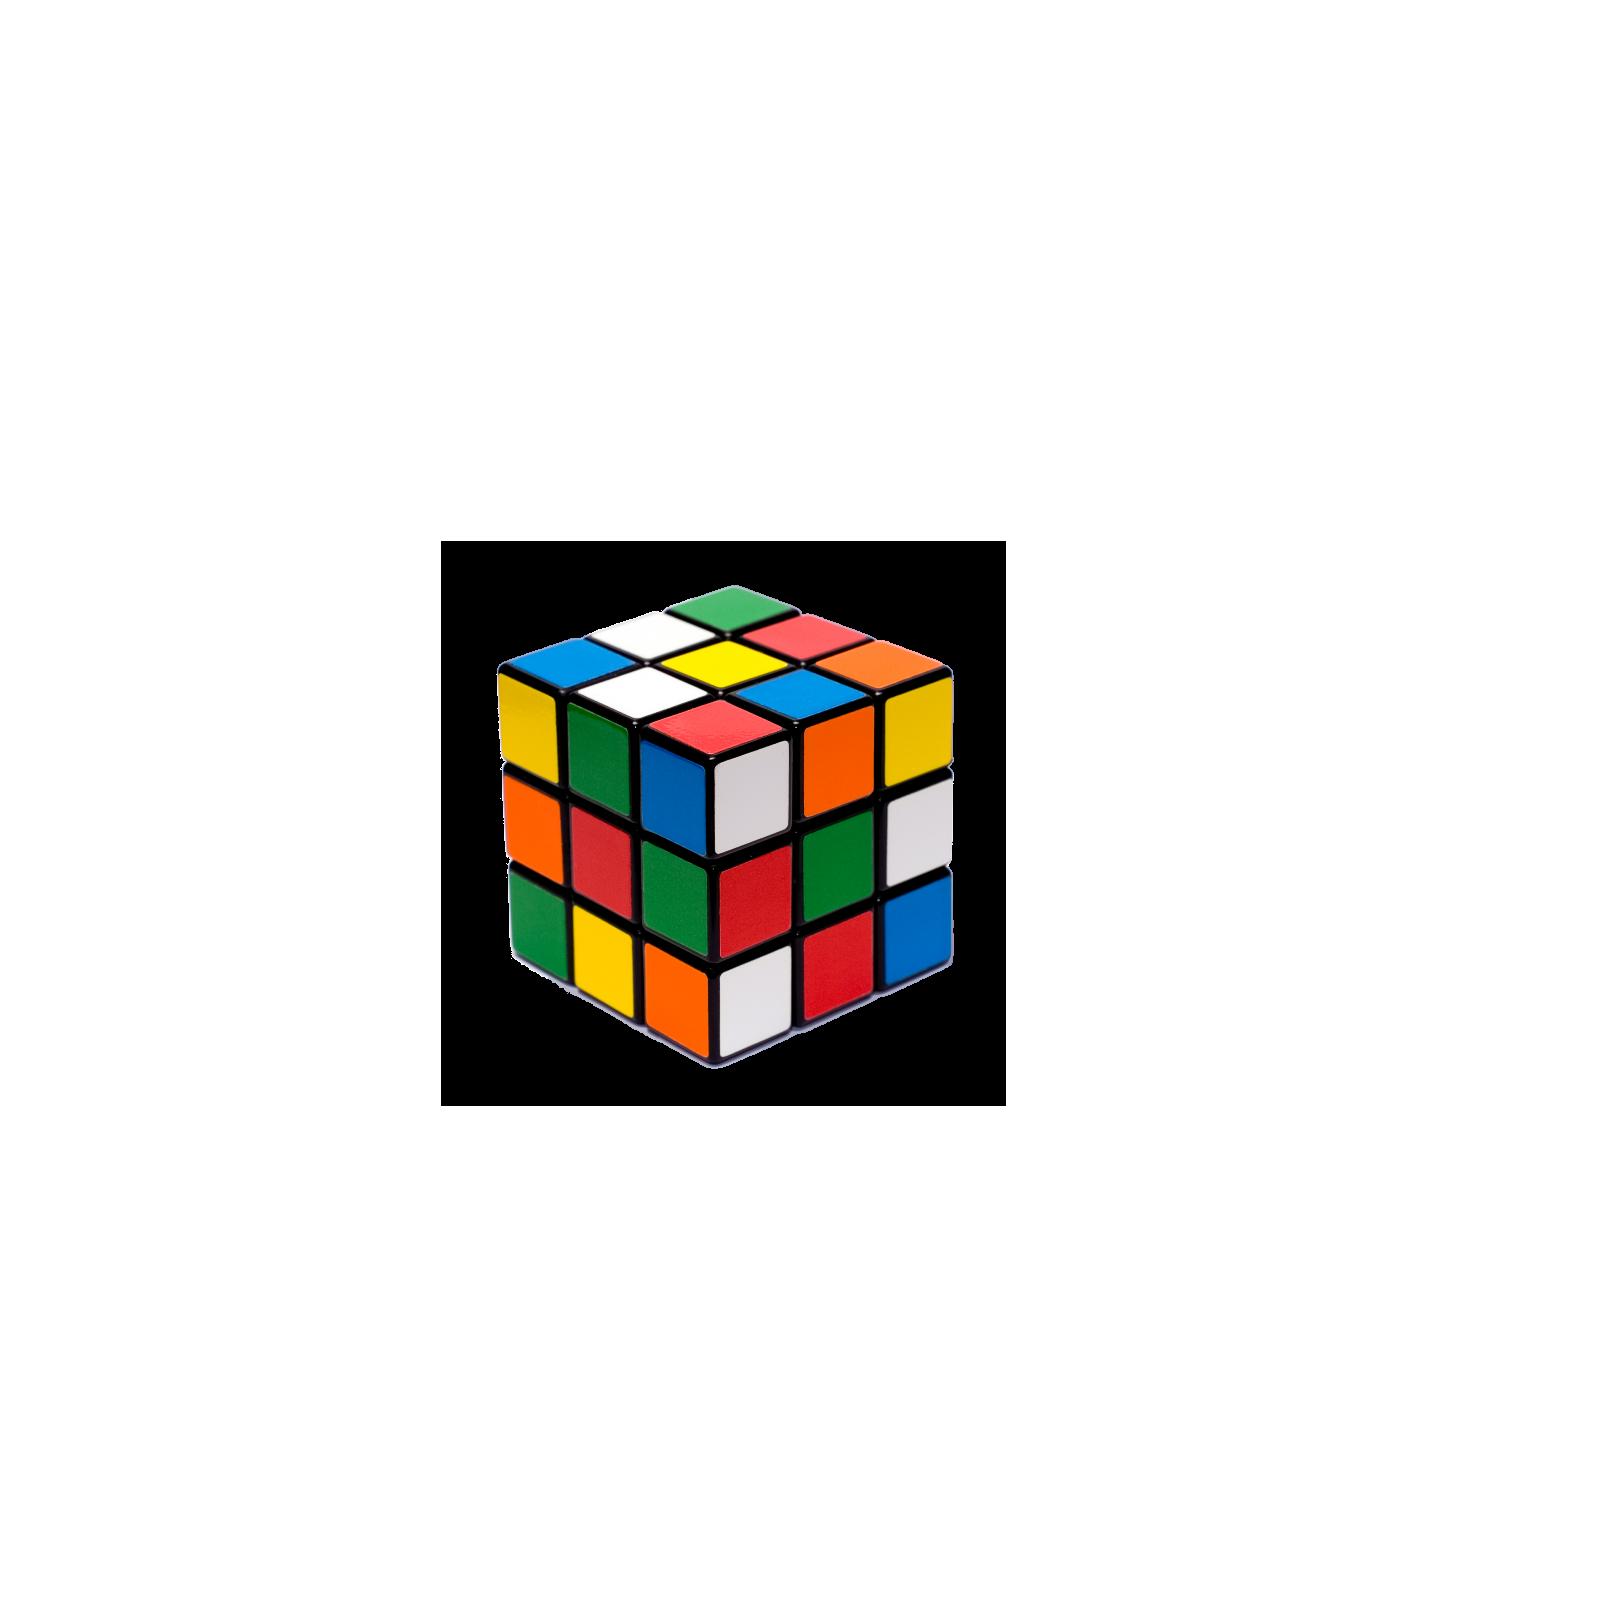 psicologia_cubo3